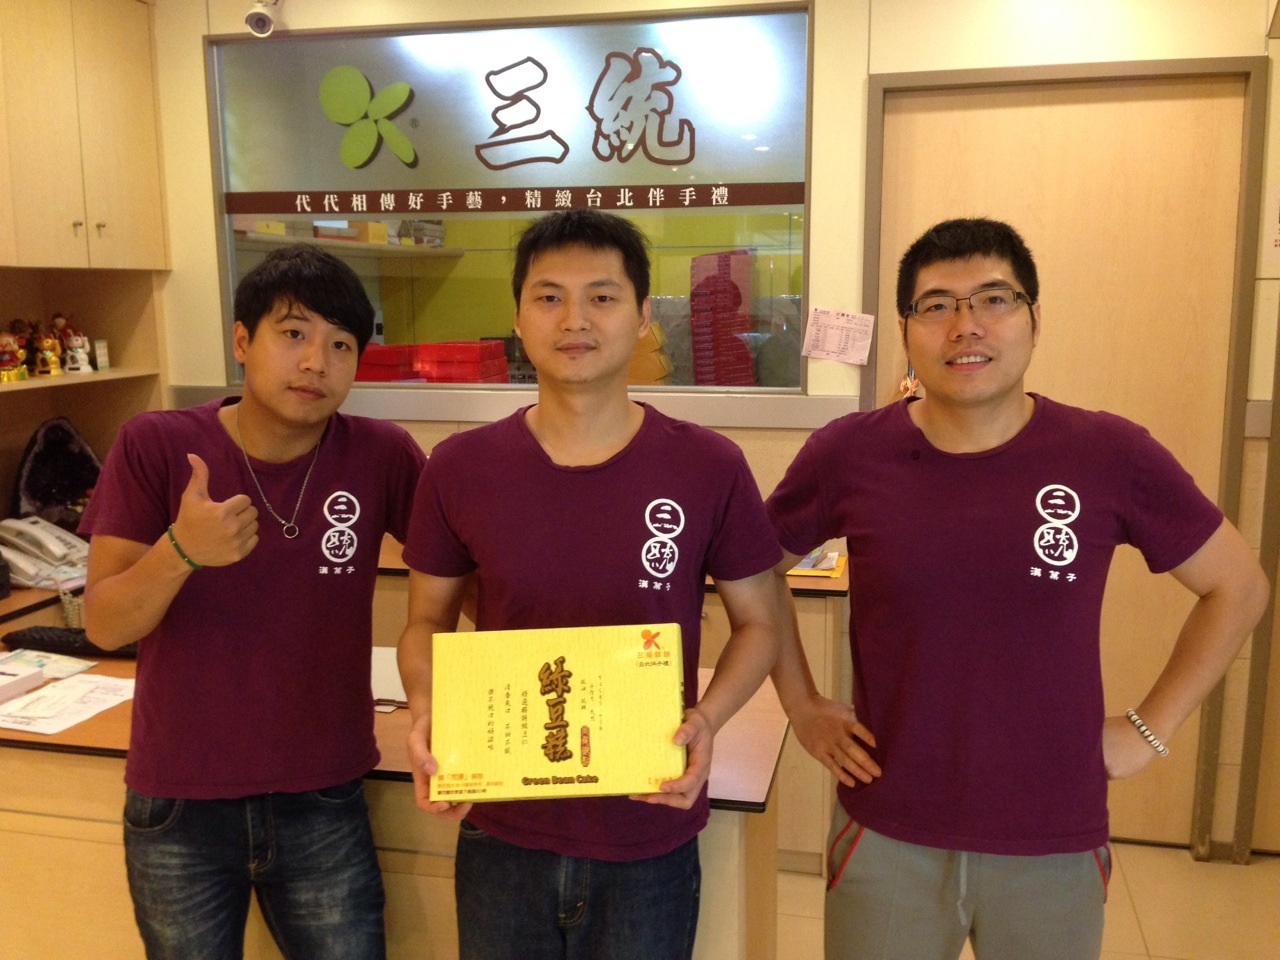 三統漢菓子的李家三兄弟傳承父親手藝與漢餅文化, 為古早糕餅打造輕甜食尚